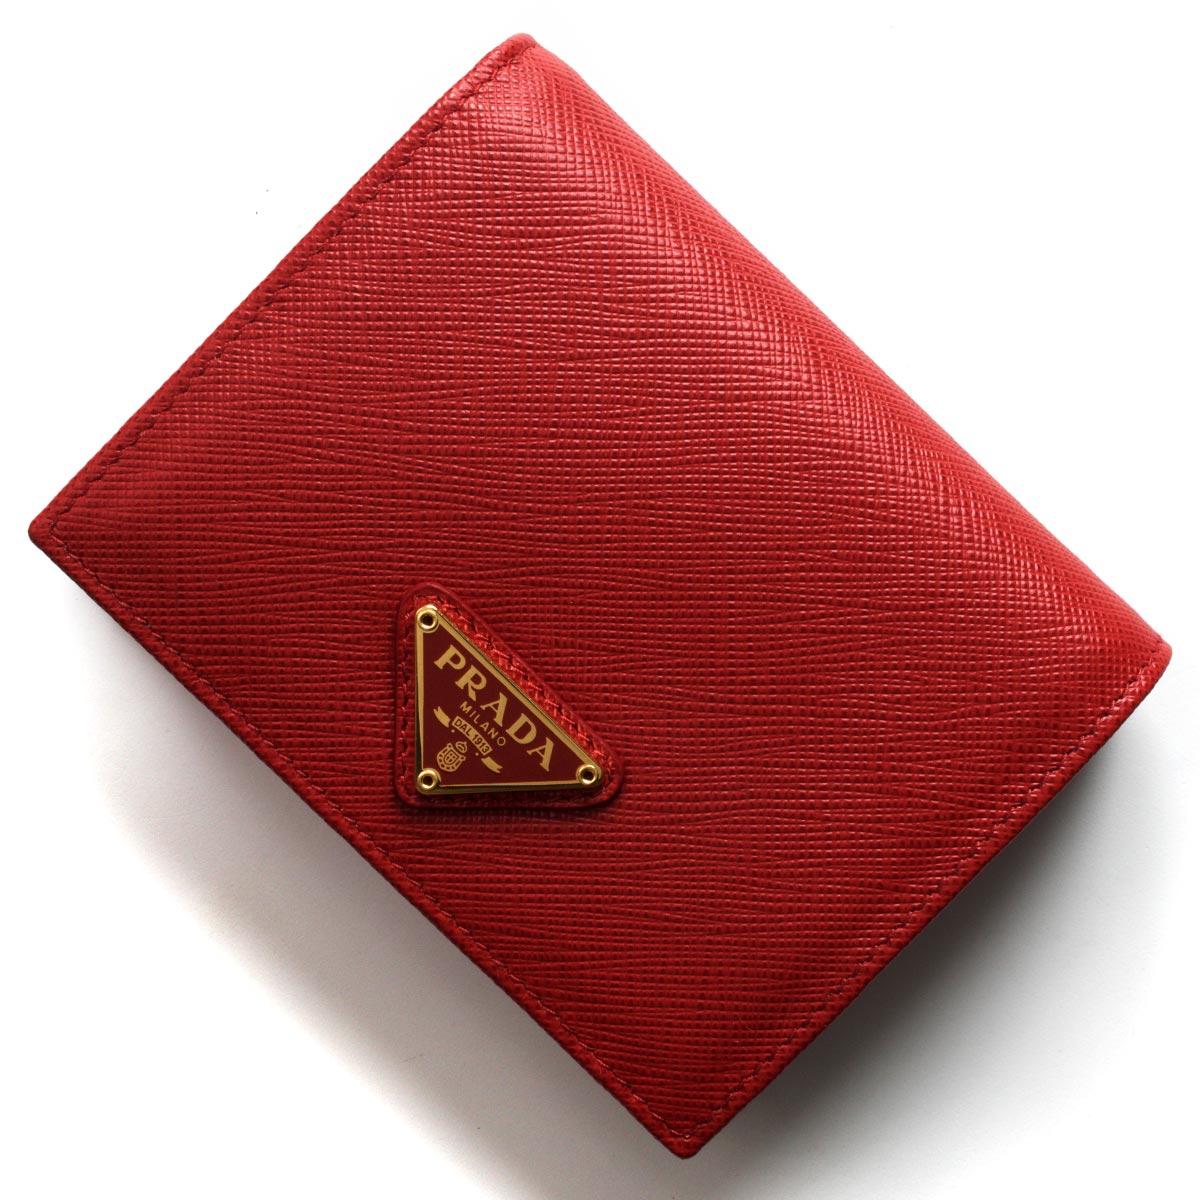 7e98d1f8db3e ... 二つ折り財布 | 長財布 | プラダ 二つ折り財布 財布 レディース サフィアーノ トライアングル 三角ロゴプレート フォーコレッド  1MV204 QHH F068Z PRADA